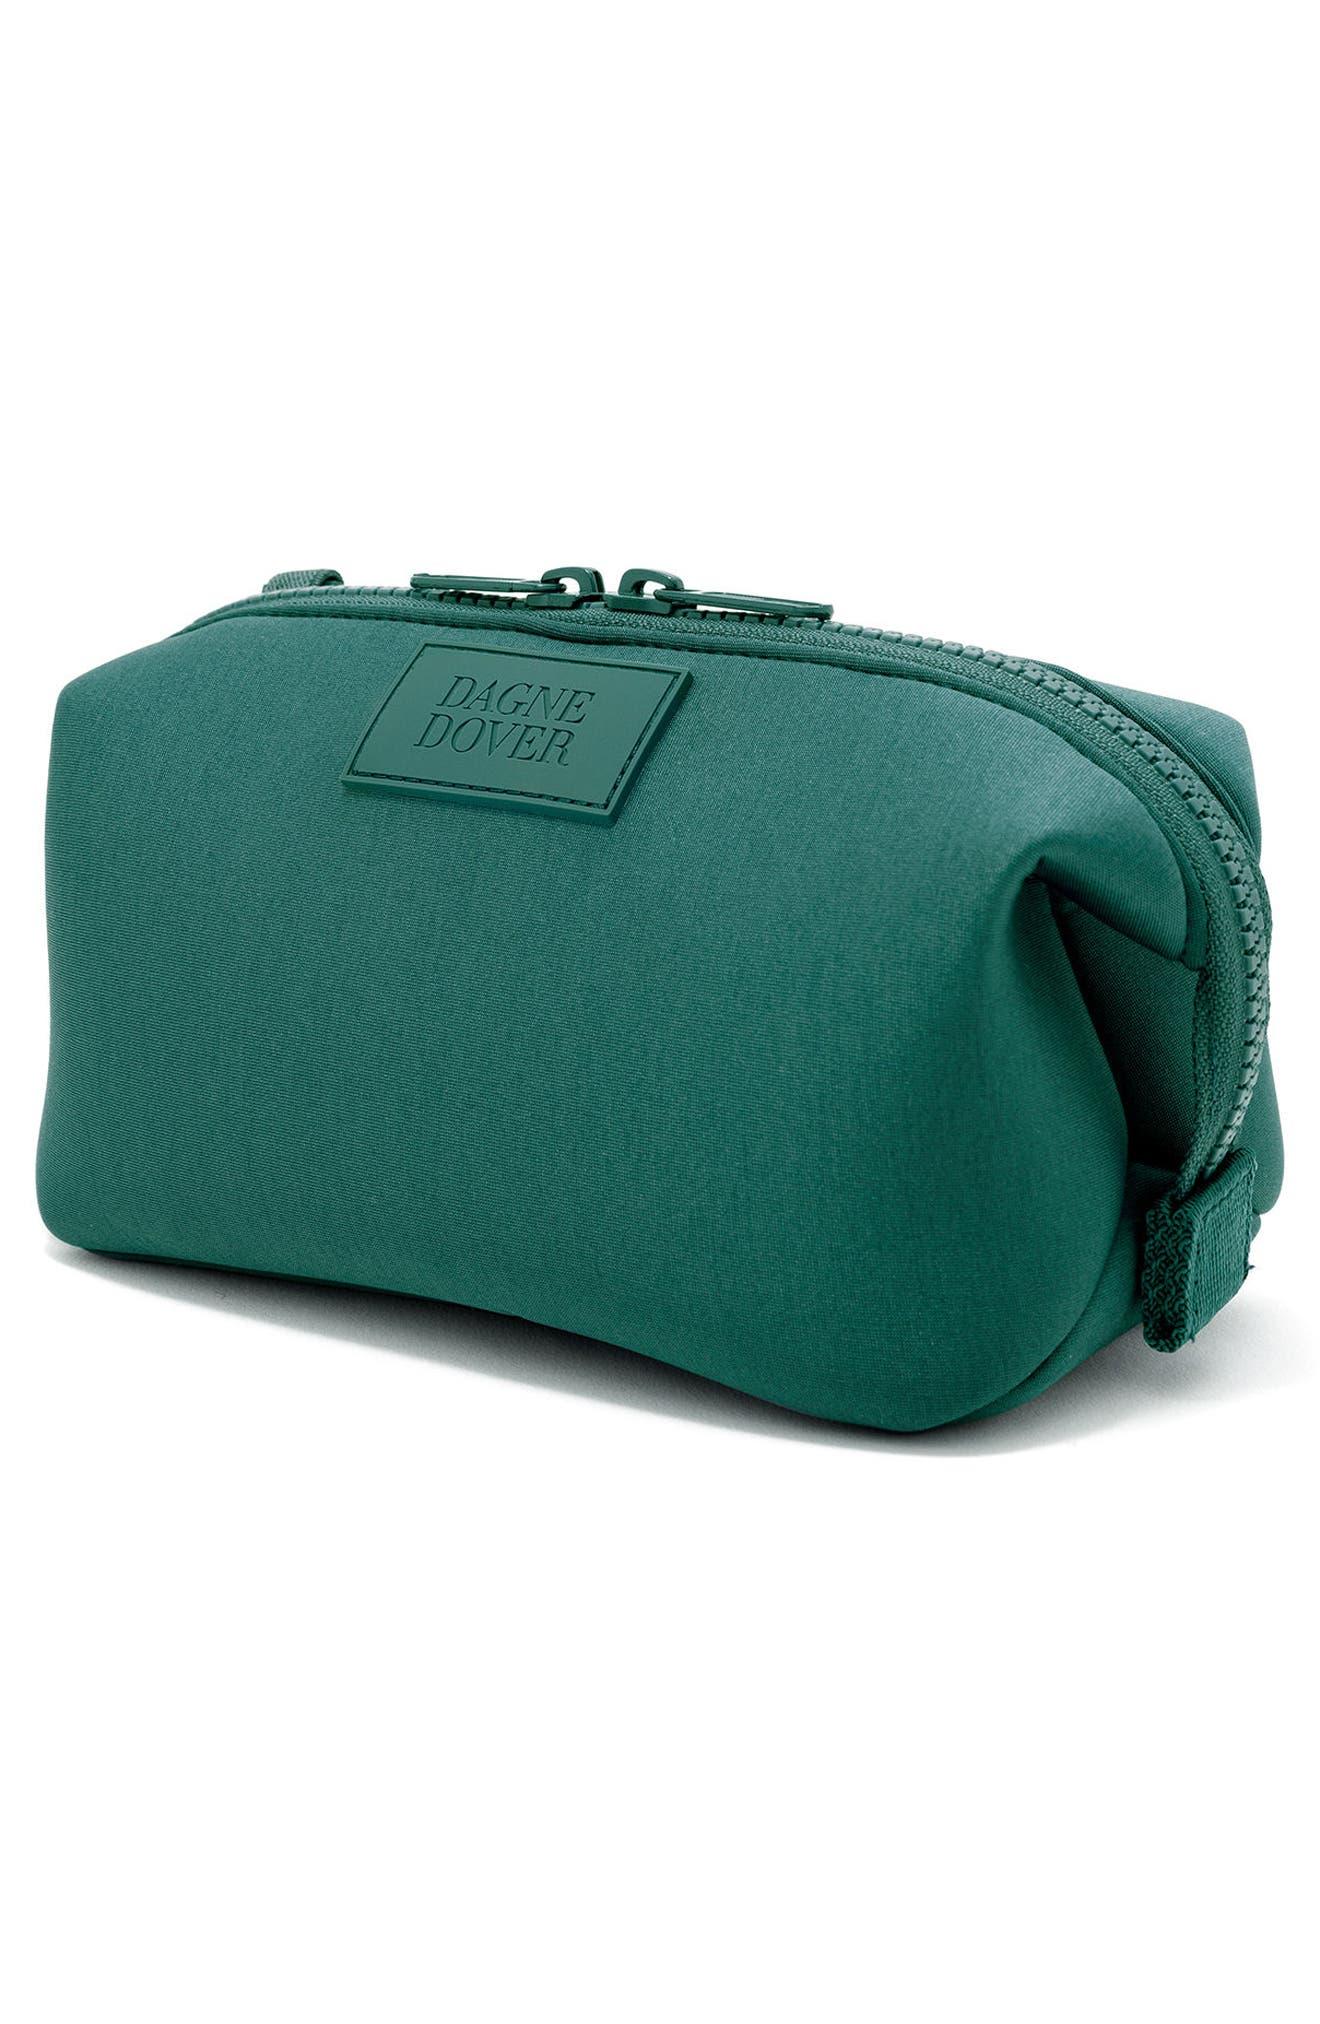 Small Hunter Neoprene Toiletry Bag,                             Alternate thumbnail 4, color,                             Palm